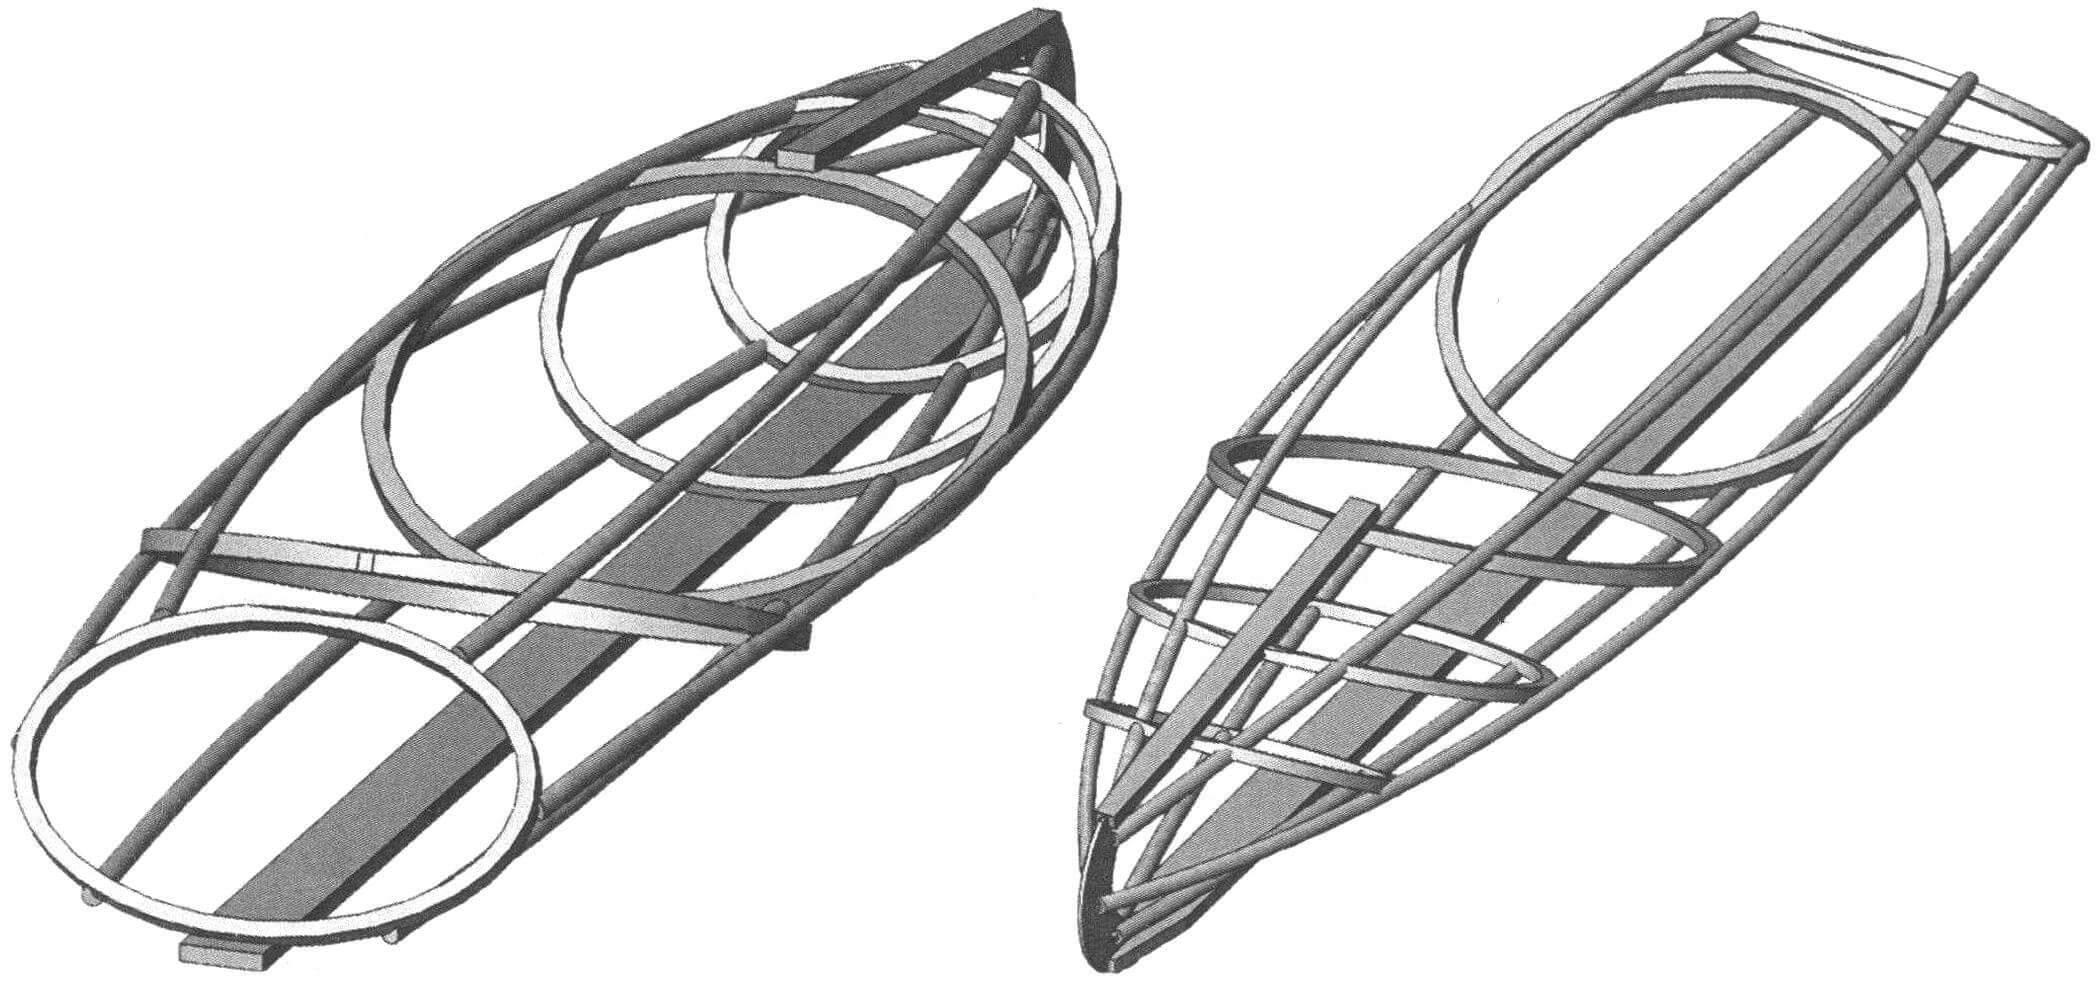 Работа по созданию лодки началась с прорисовки нескольких вариантов 3D-моделей